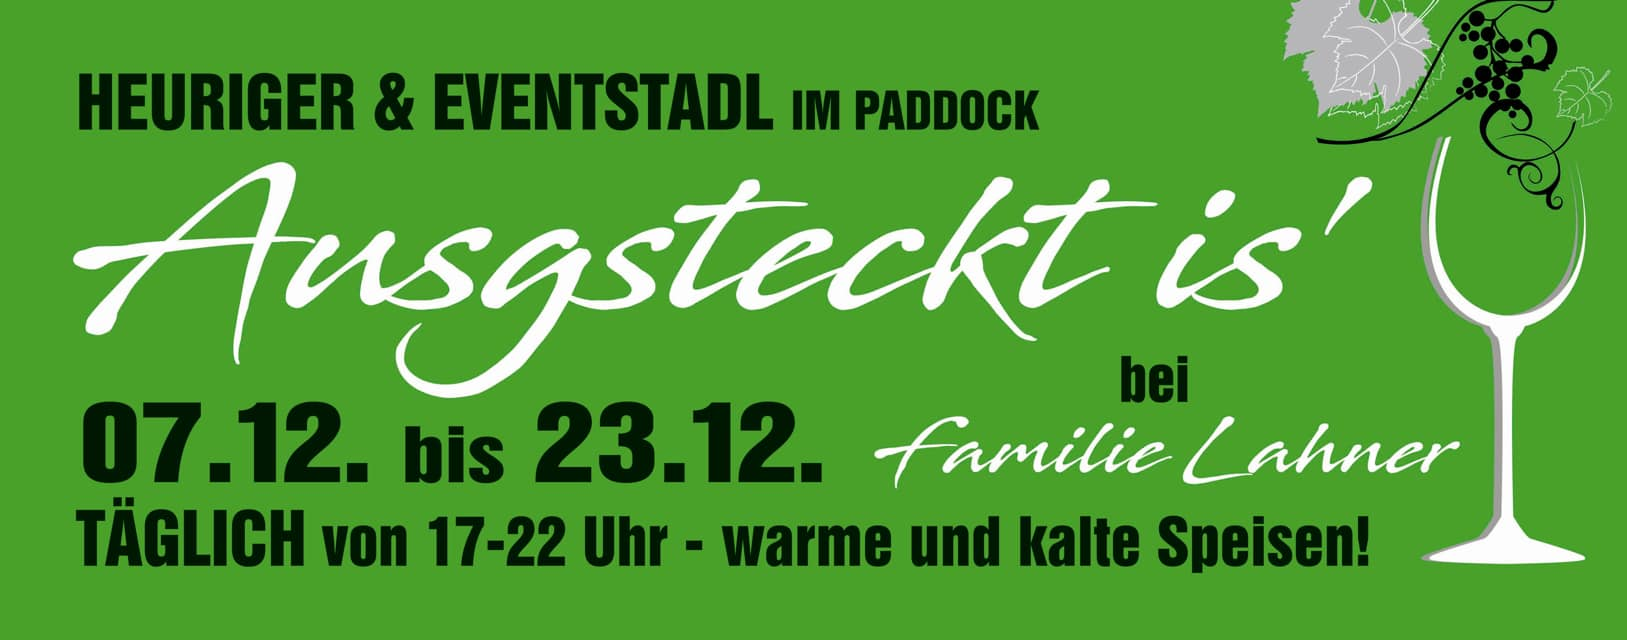 Paddock Heuriger & Eventstadl